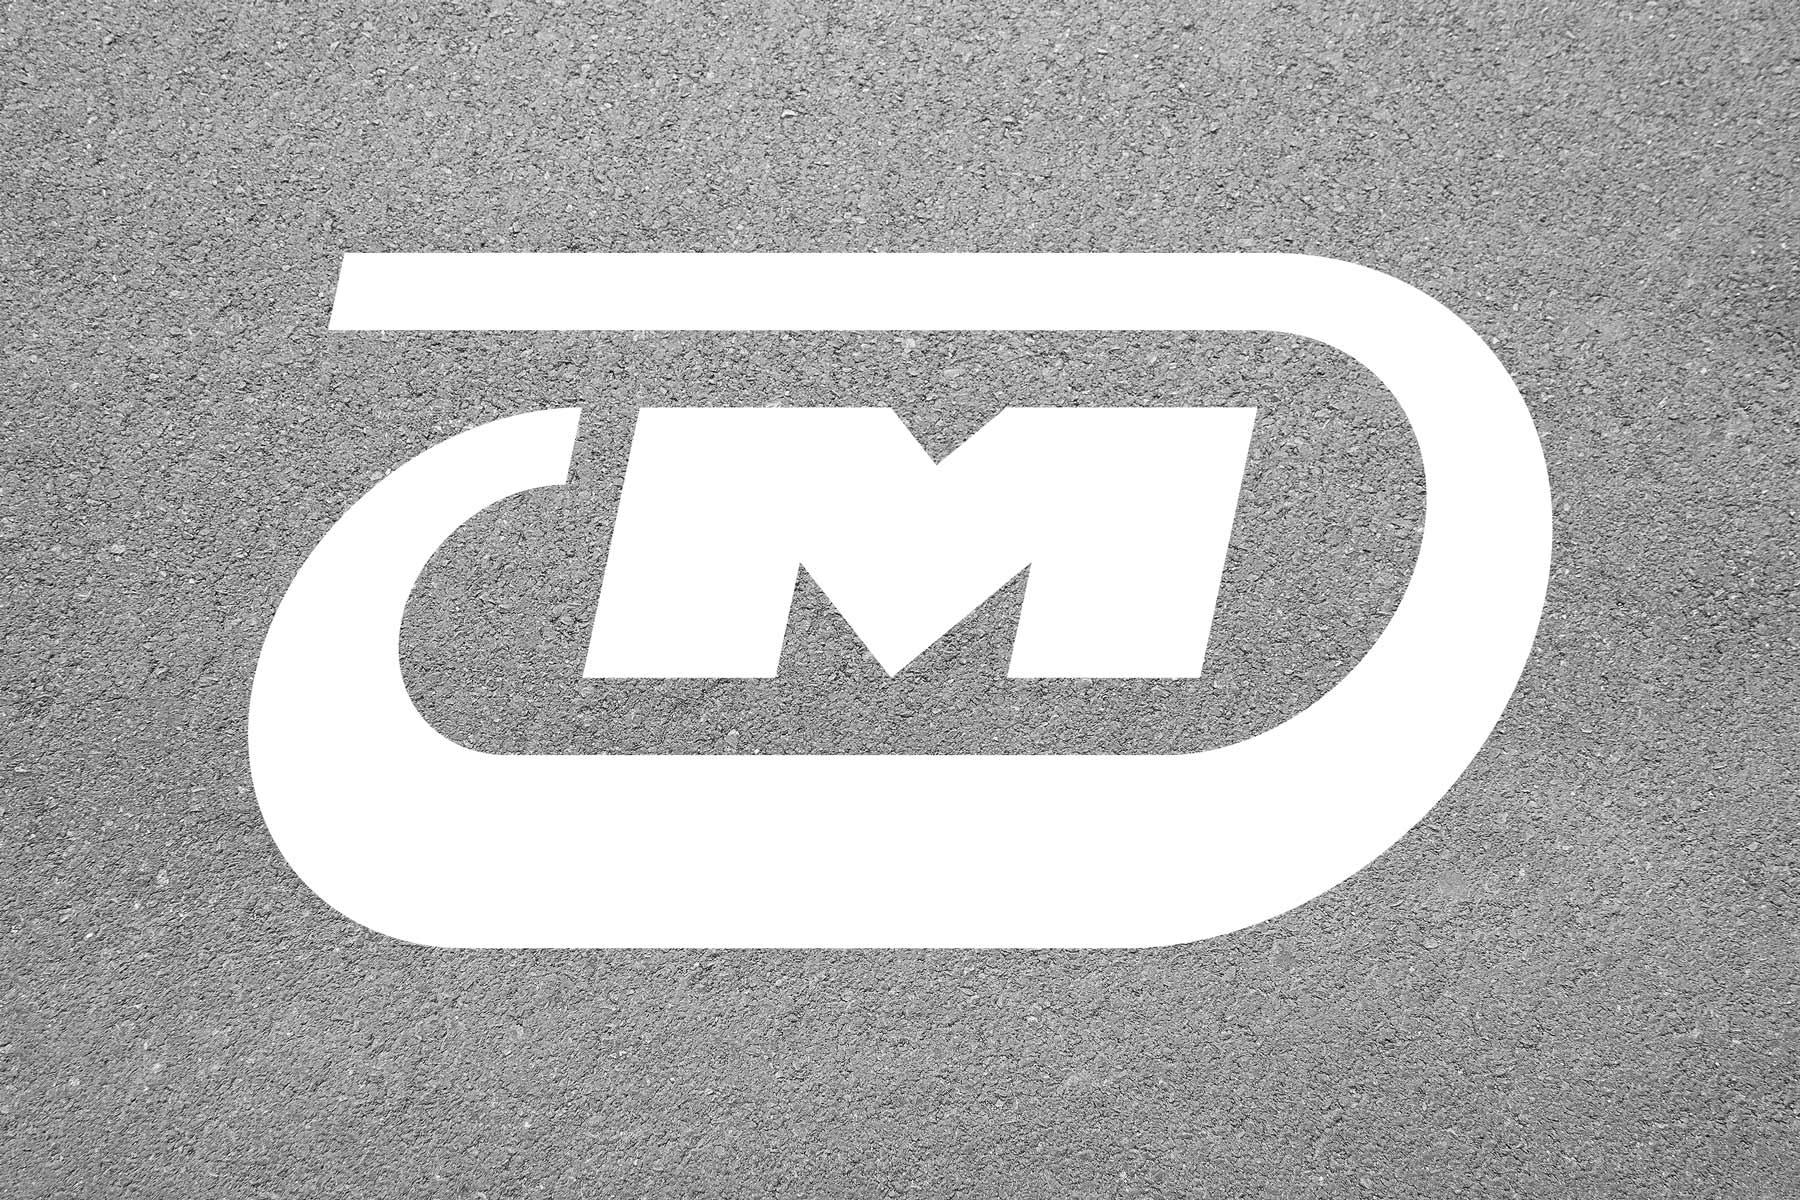 Man sieht das Logo von Meyko, dem Spezialisten für Garten- und Kommunaltechnik. Das